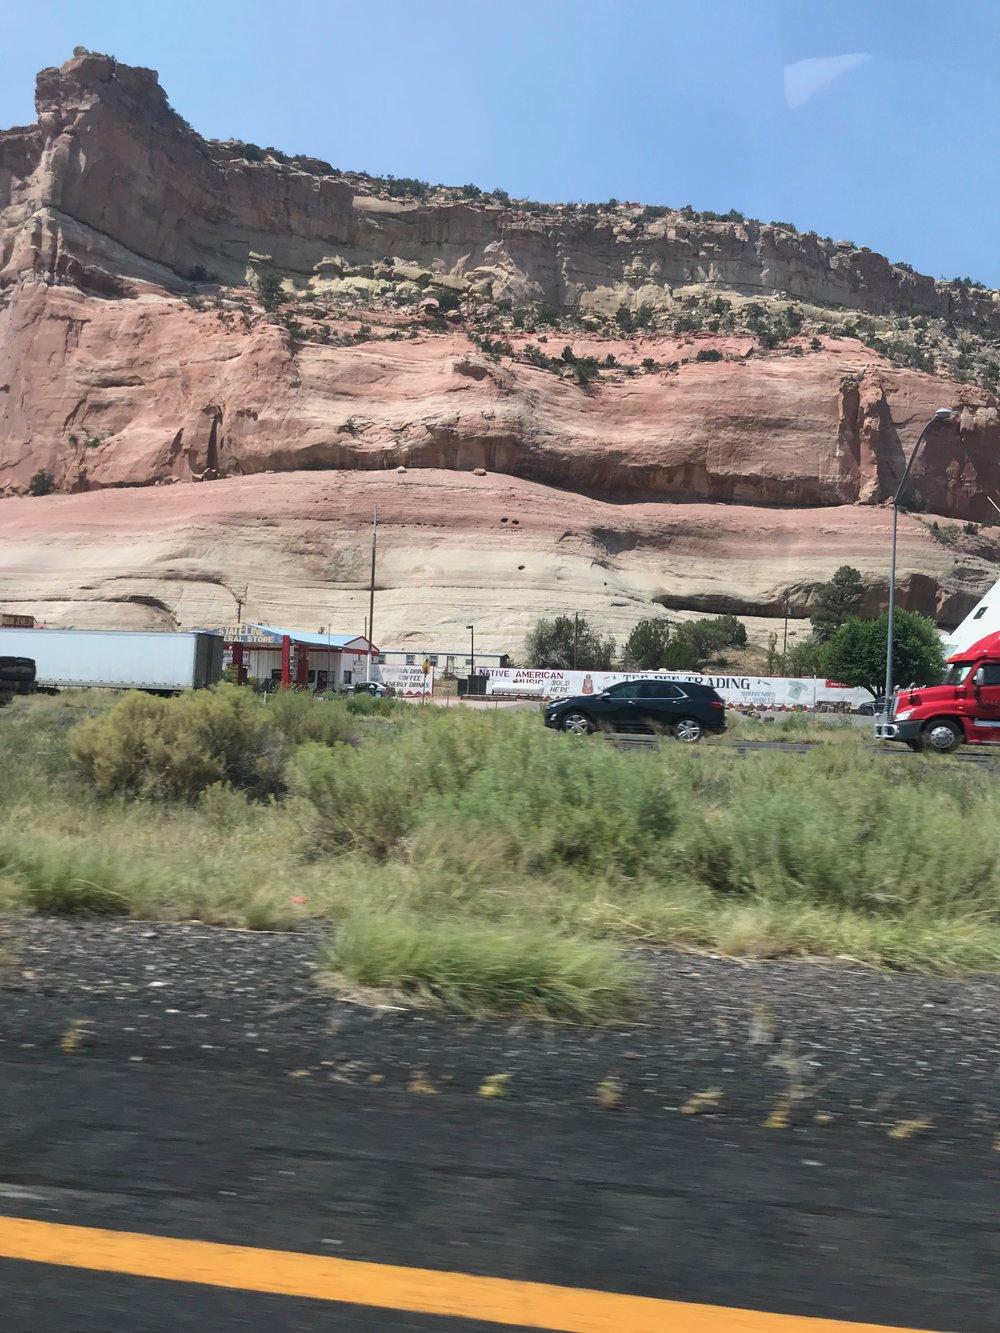 Scenery in Lupton, Arizona